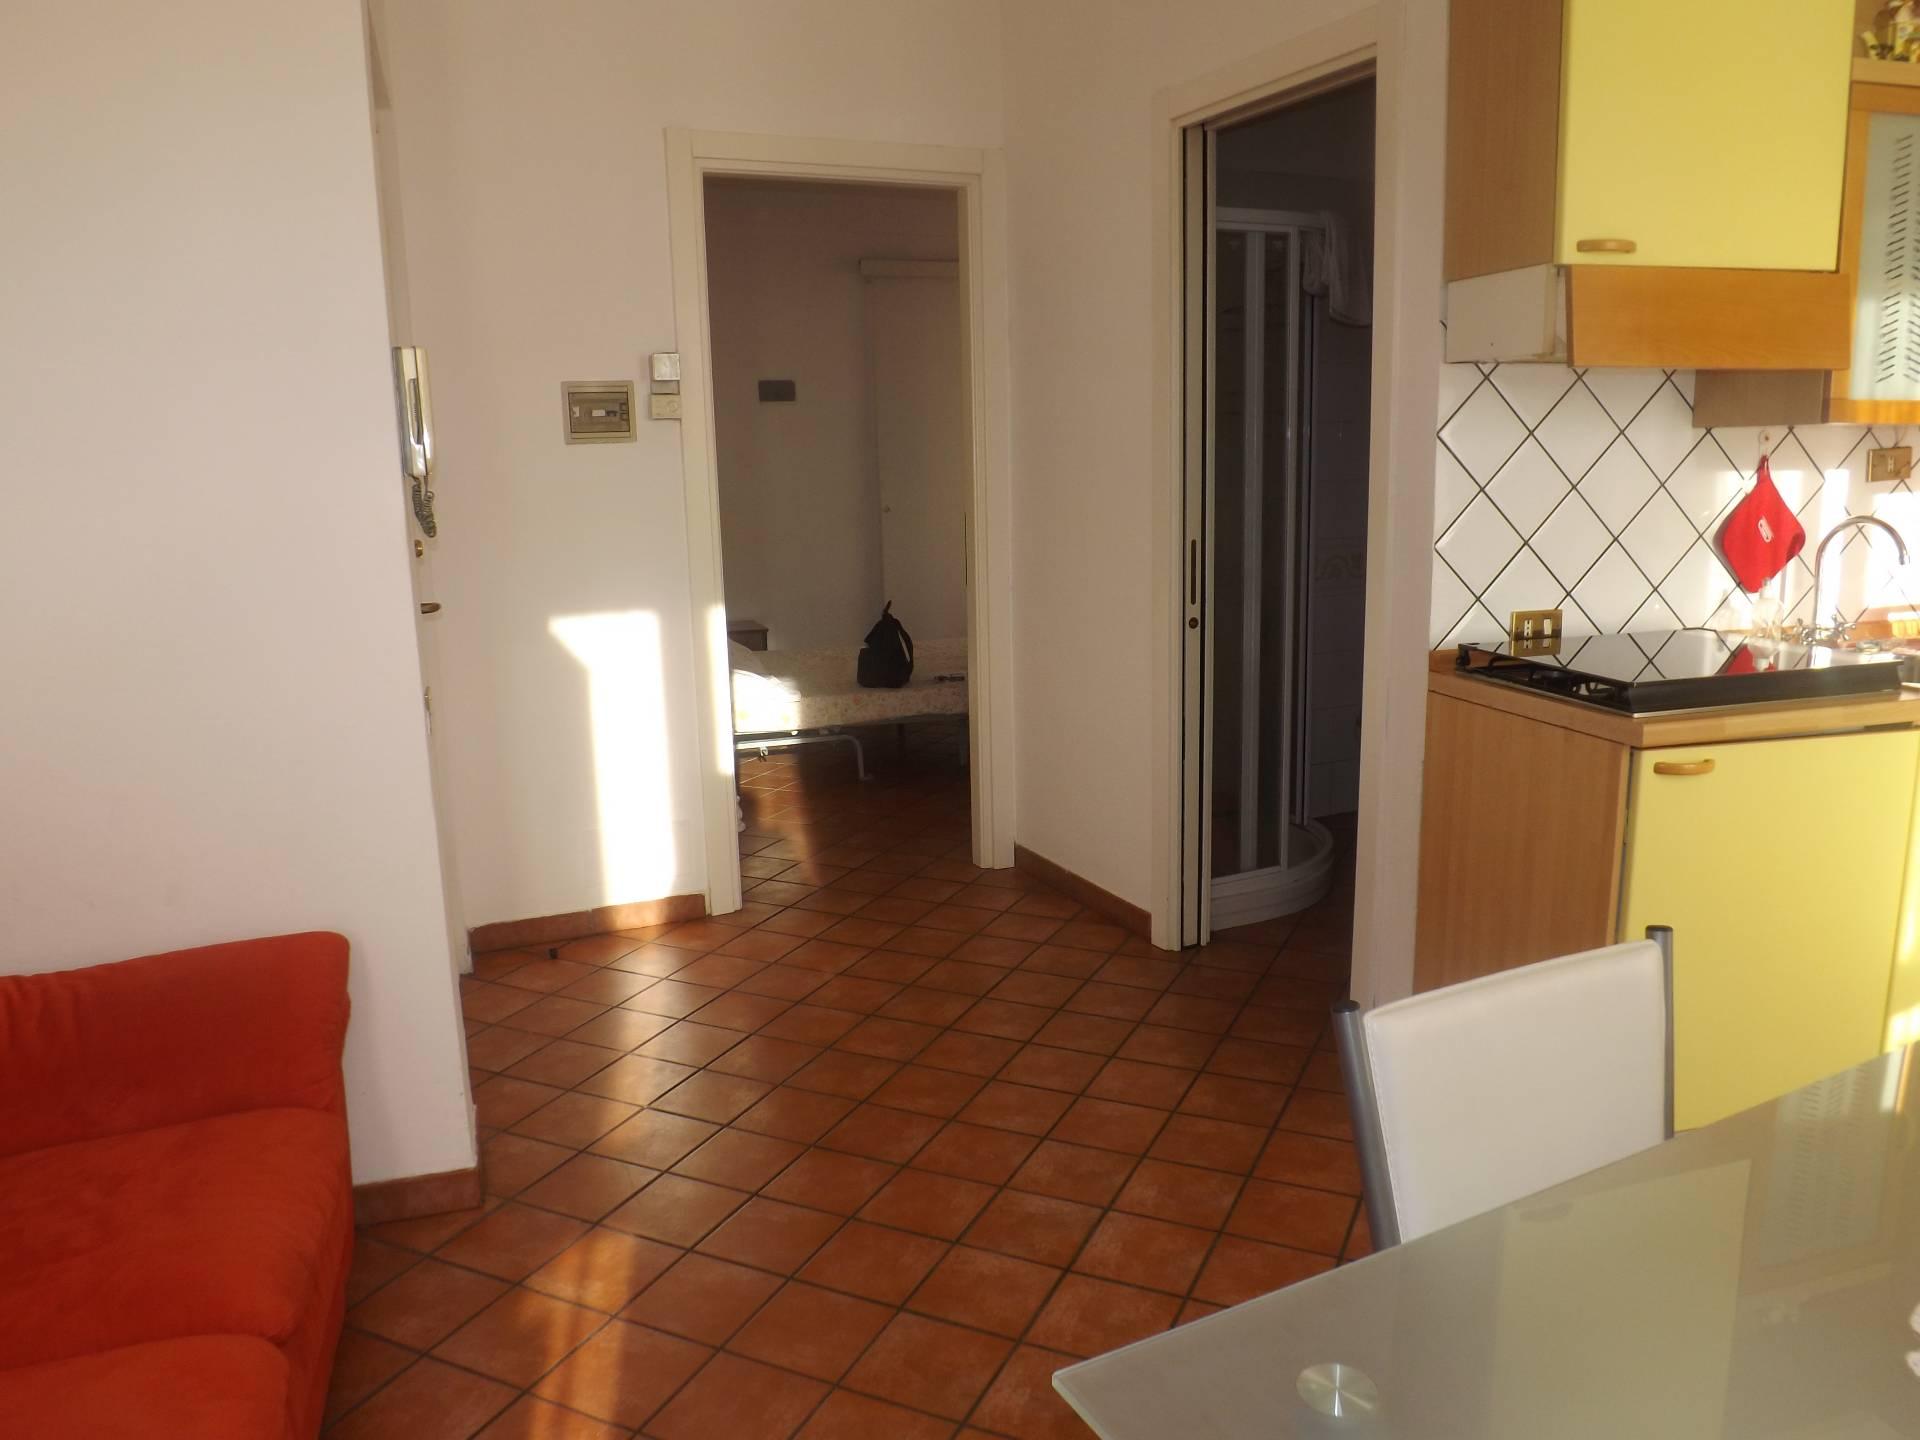 Appartamento in vendita a Diano Marina, 2 locali, zona Località: DianoGorleri, prezzo € 119.000 | Cambio Casa.it